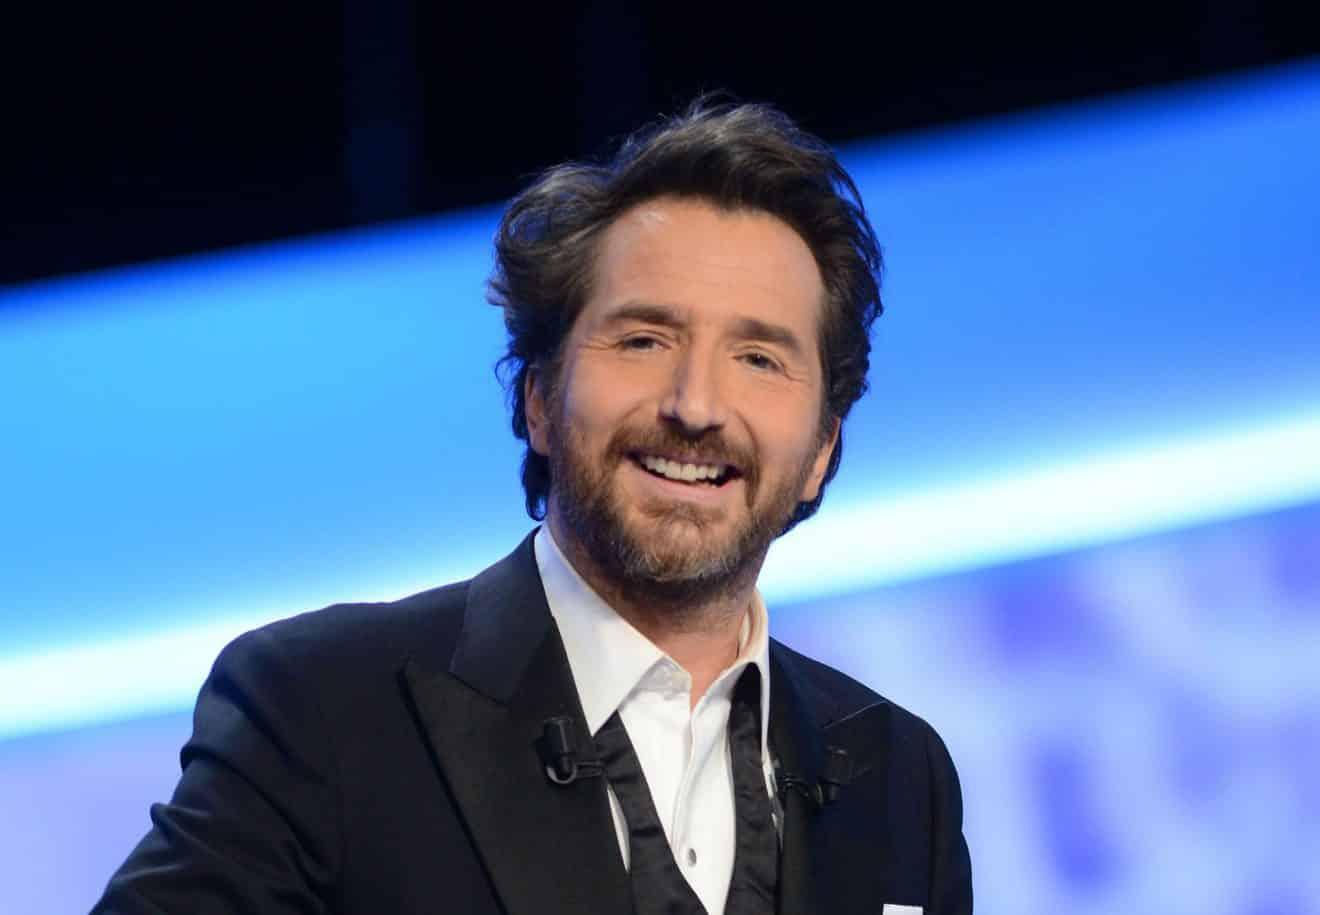 Cérémonie d'ouverture du festival de Cannes : Edouard Baer tacle violemment Netflix !